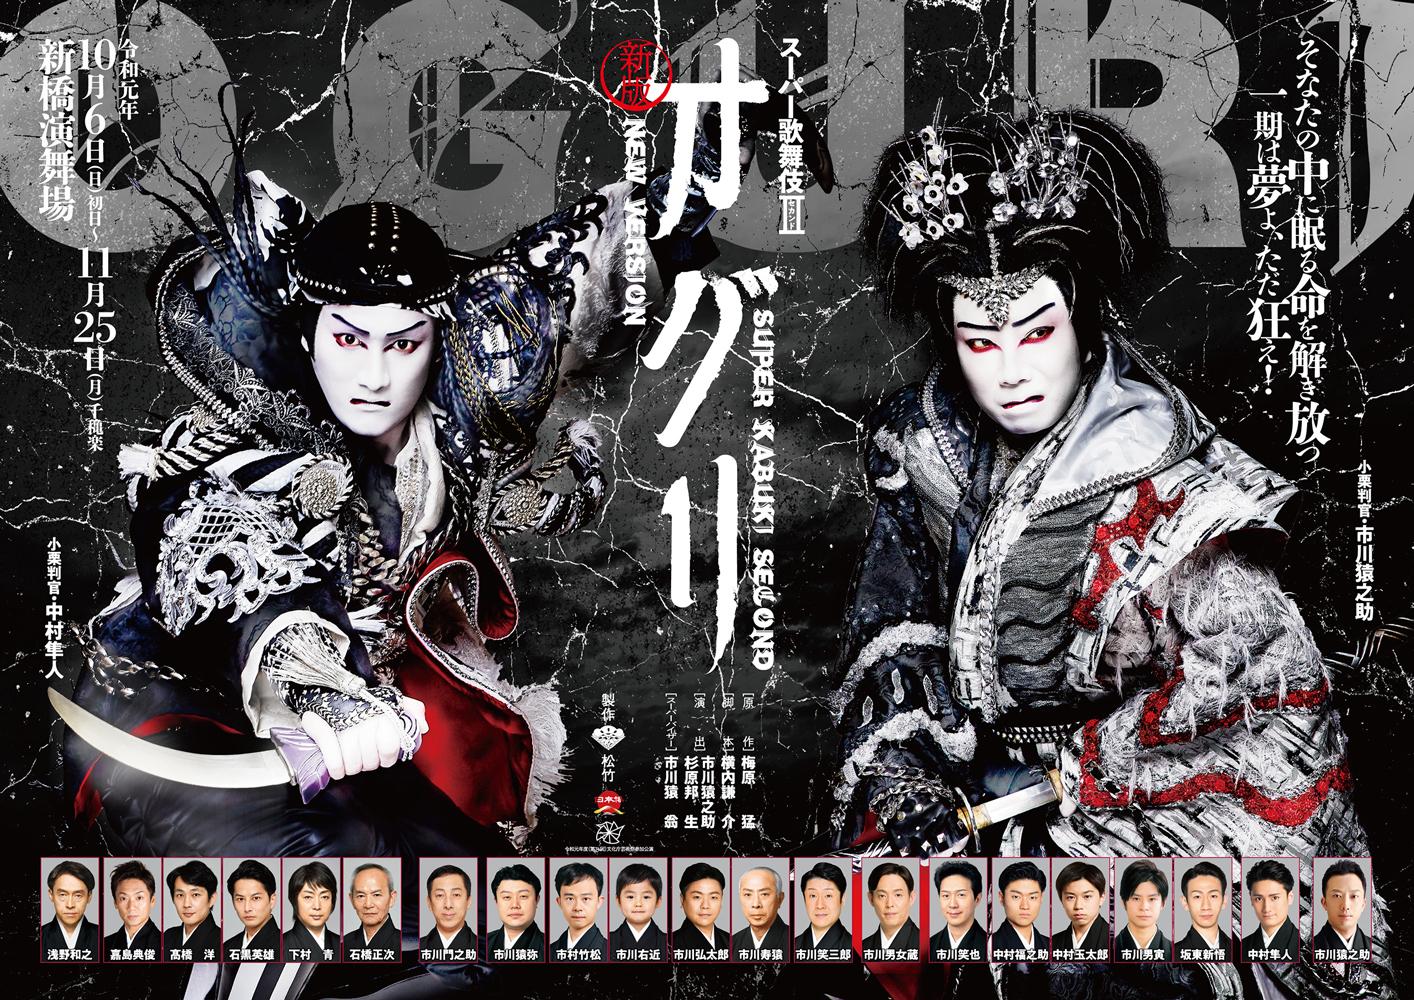 スーパー歌舞伎II(セカンド) 新版 オグリ